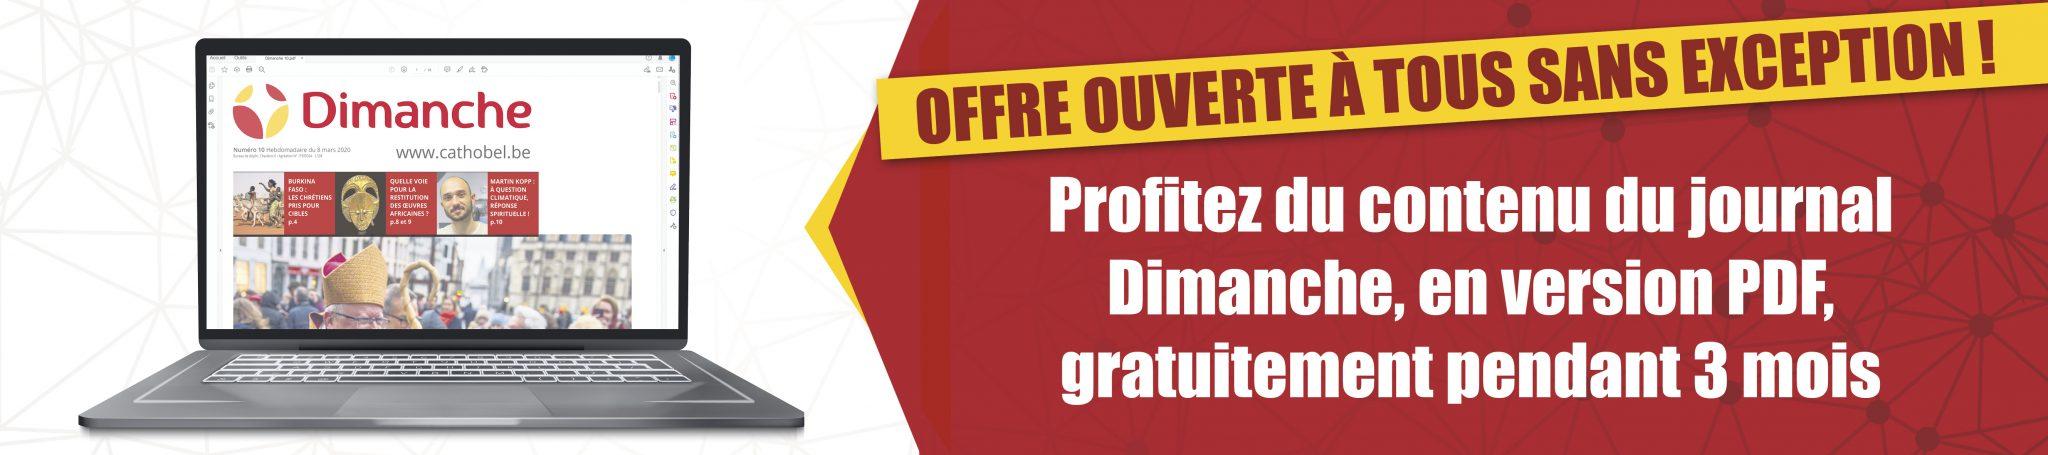 Journal Dimanche gratuit pour 3 mois en pdf